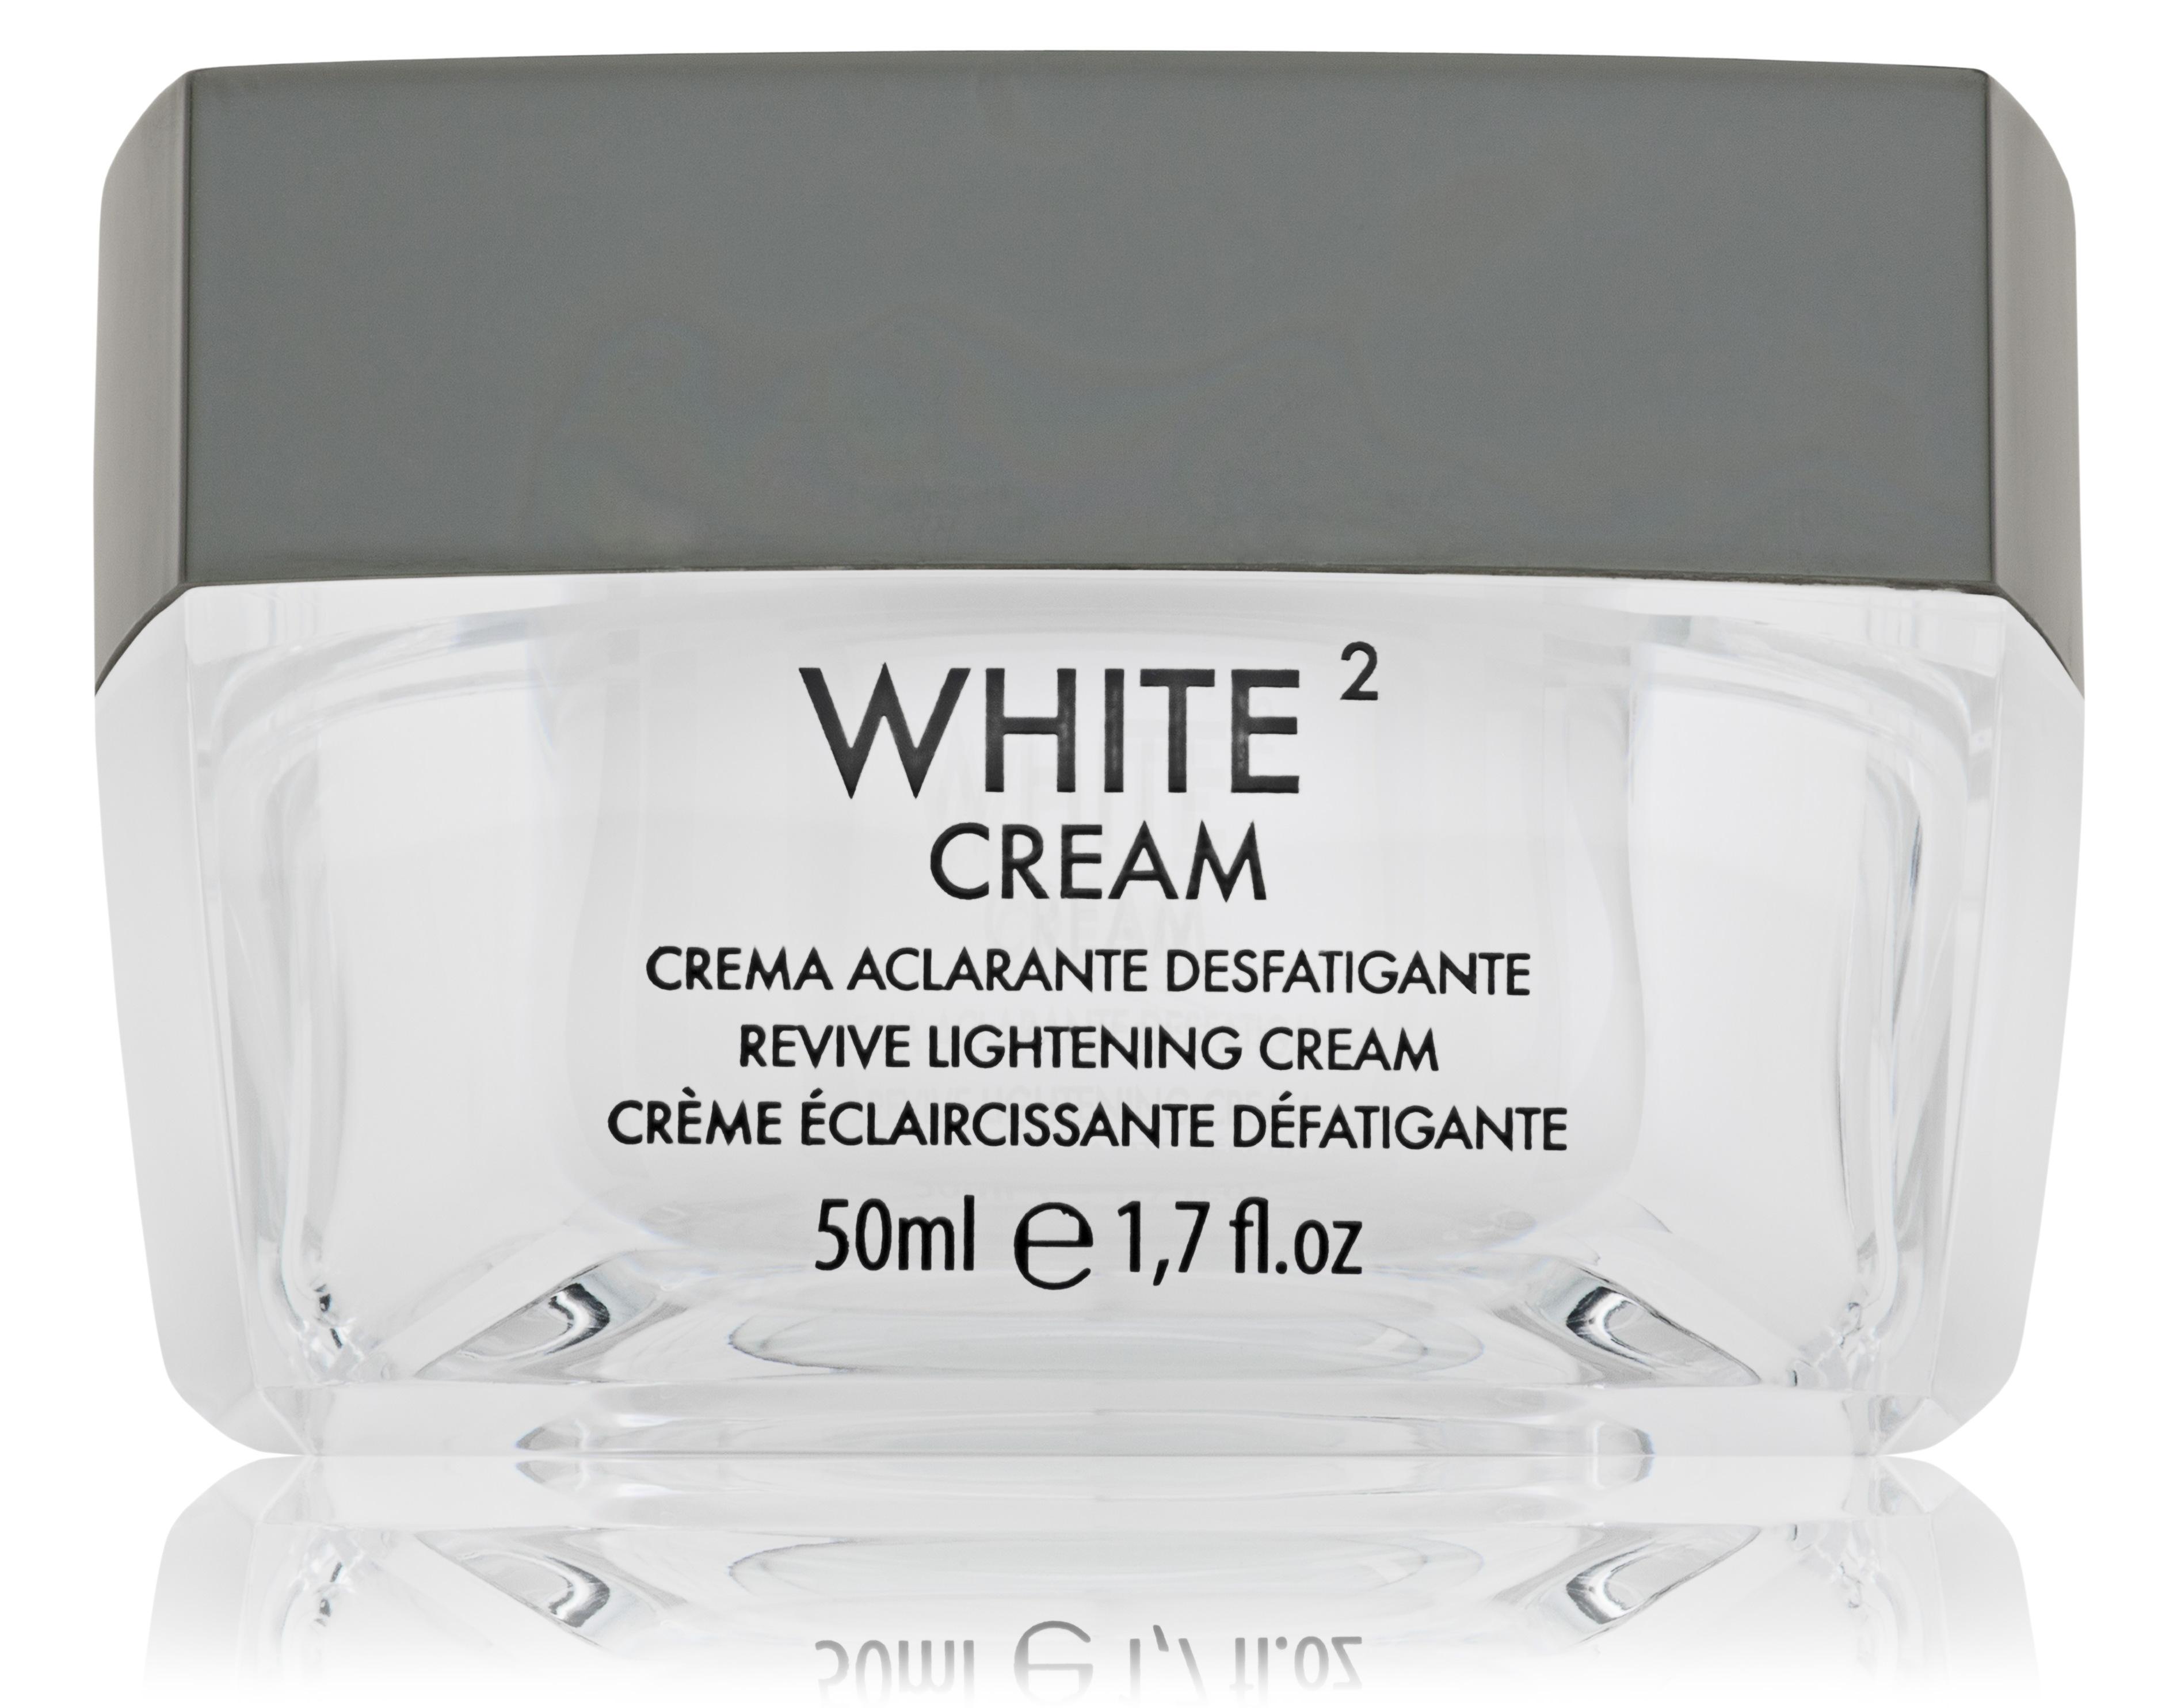 LEVISSIME Крем осветляющий SPF 20 / White 2 Cream 50 мл -  Кремы